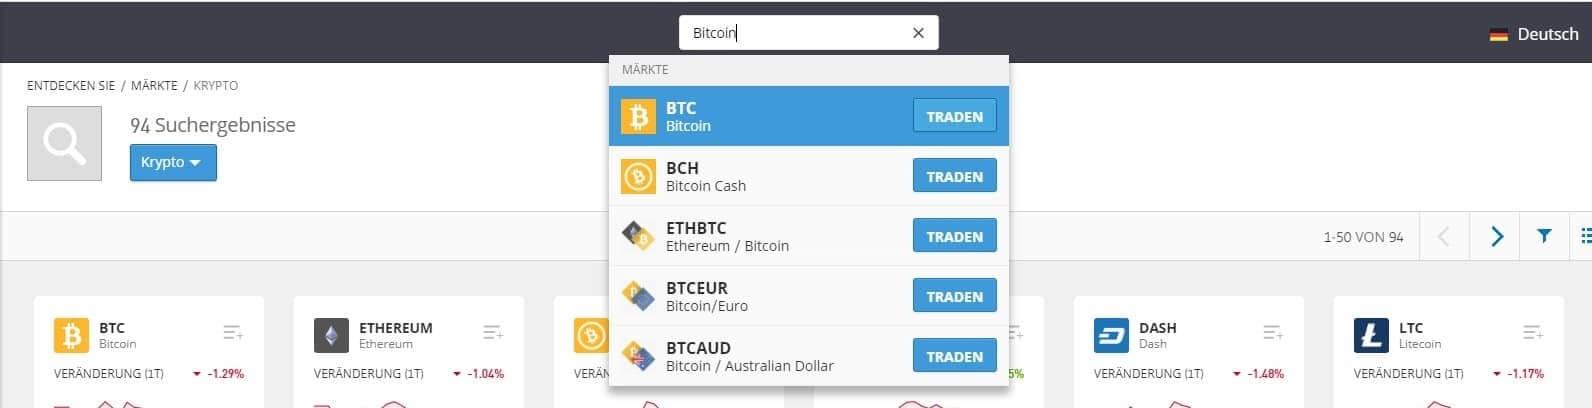 Nach Bitcoin suchen